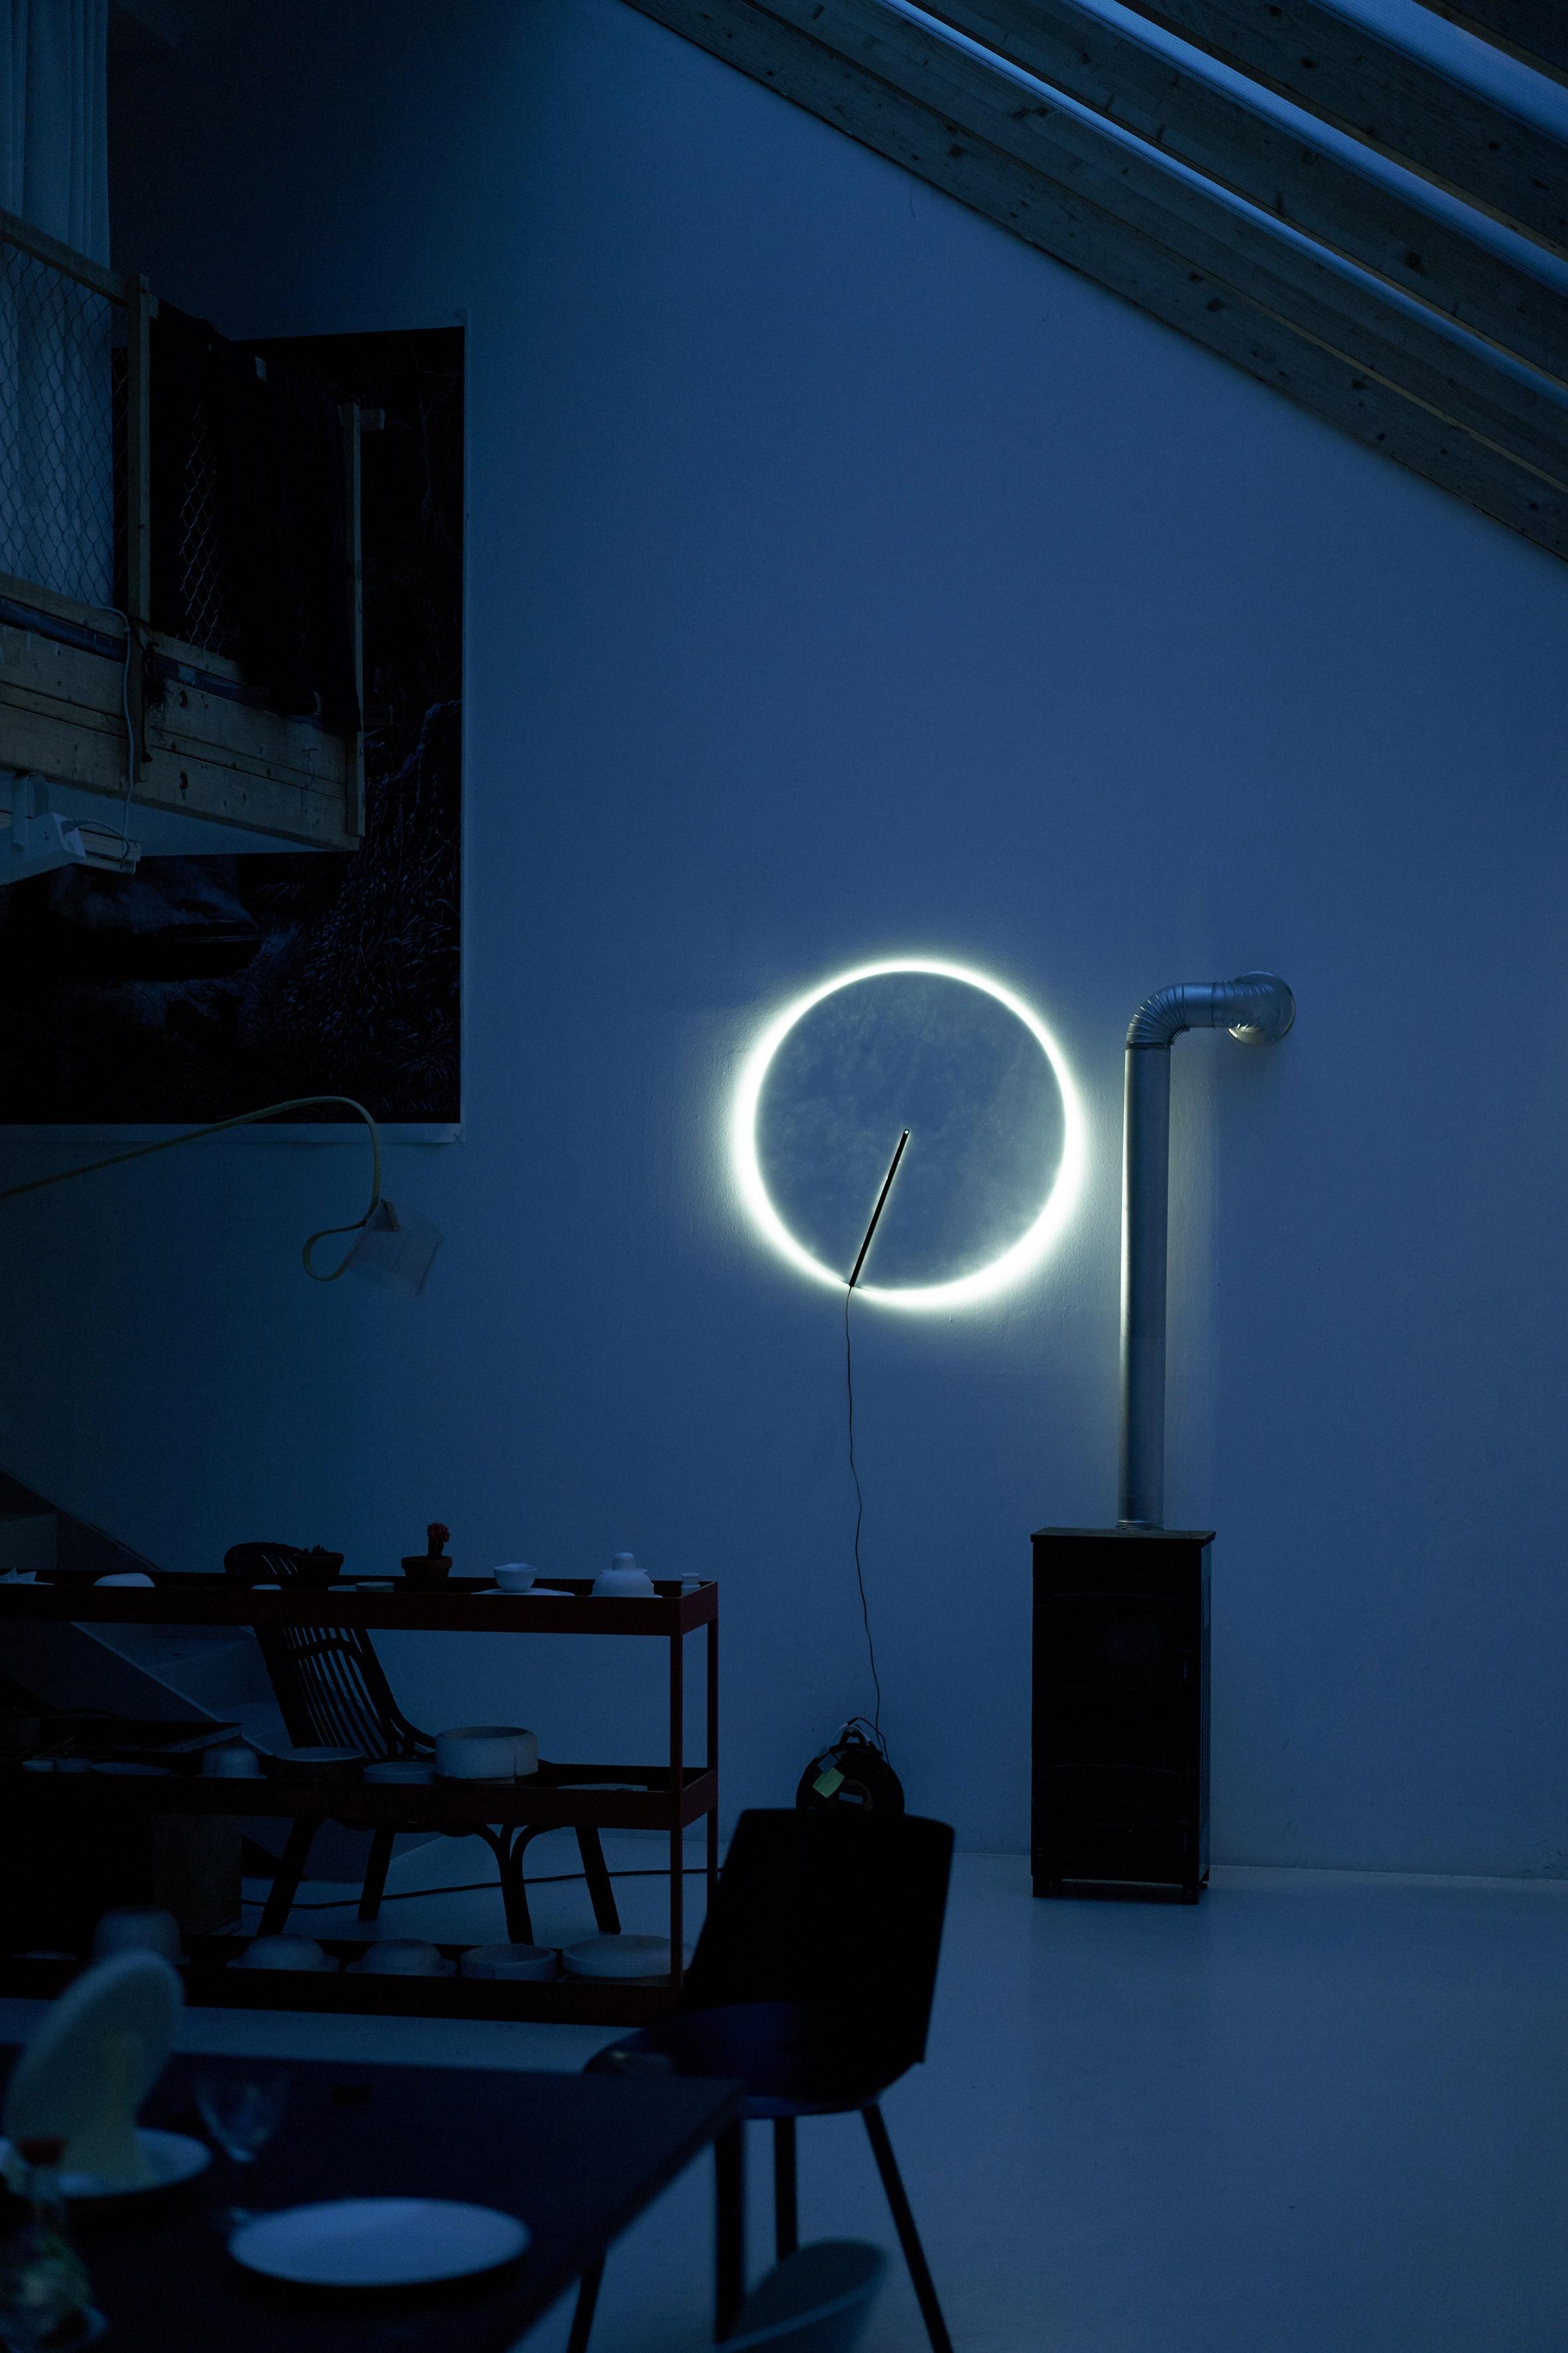 guise-stefan-diez-design-lighting-lamps_dezeen_2364_col_12_01